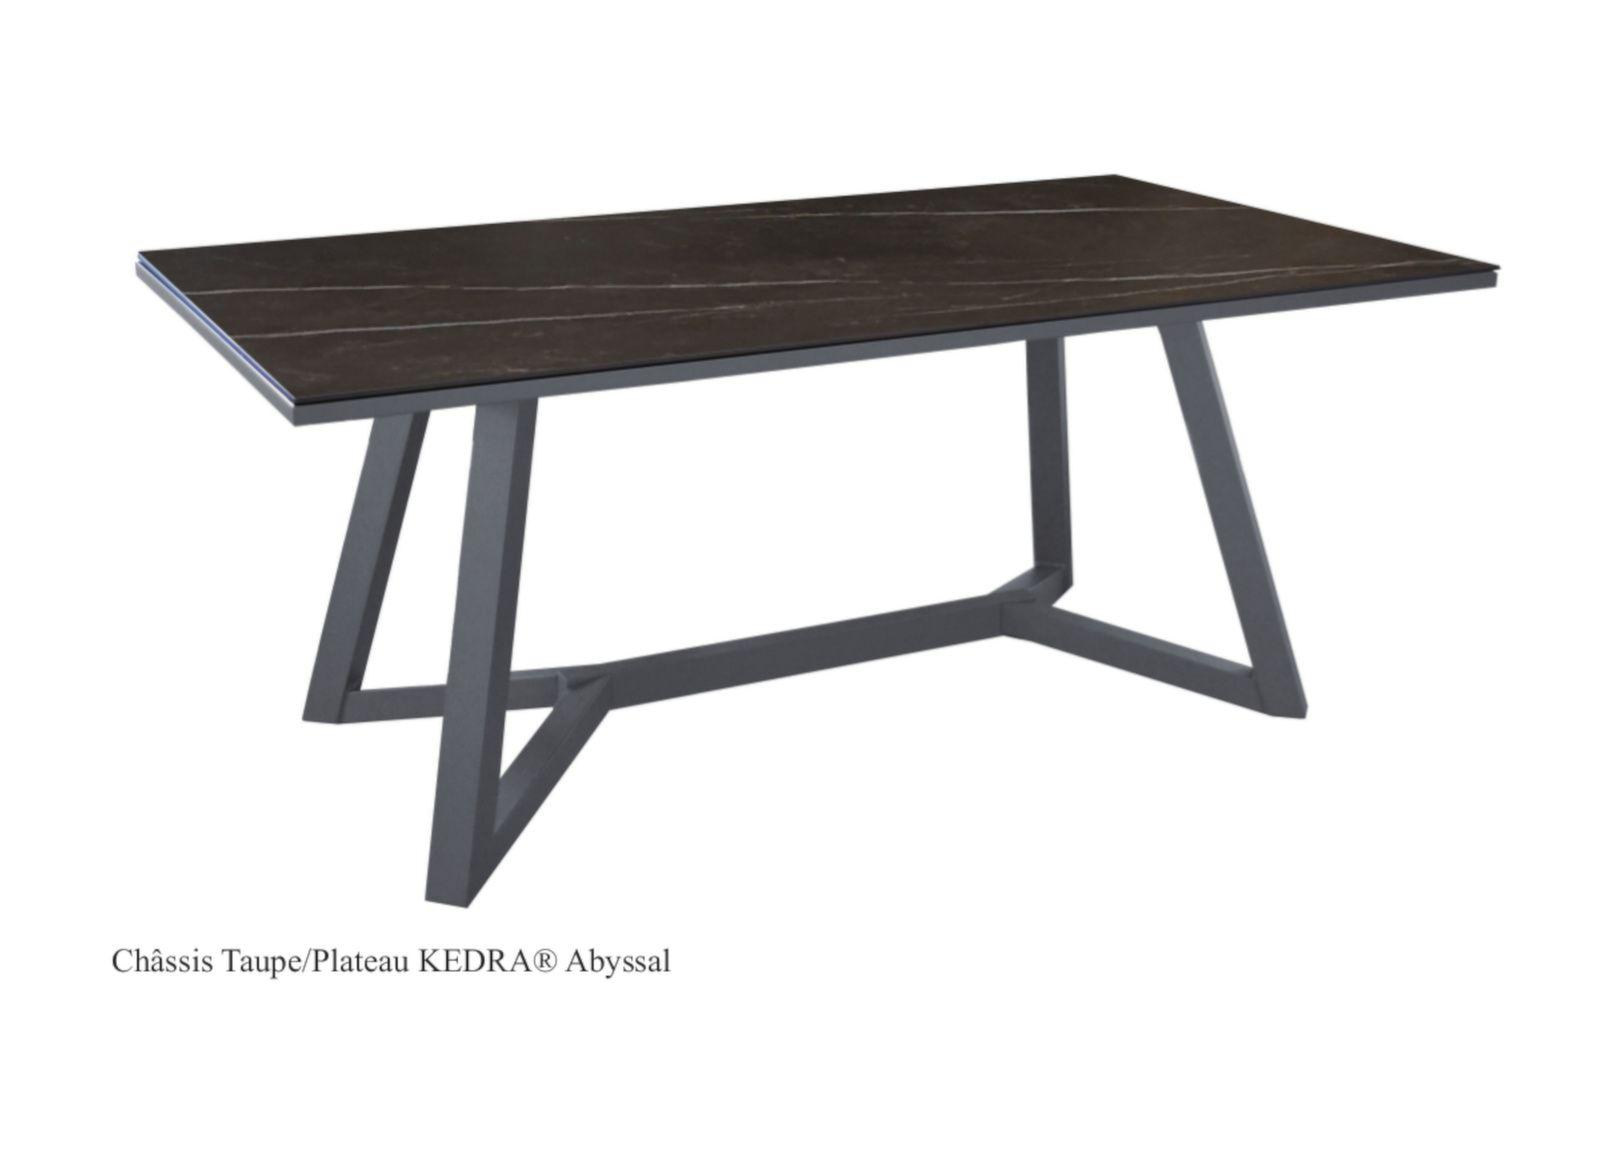 Ma table Agira 220 cm, plateau Kedra®